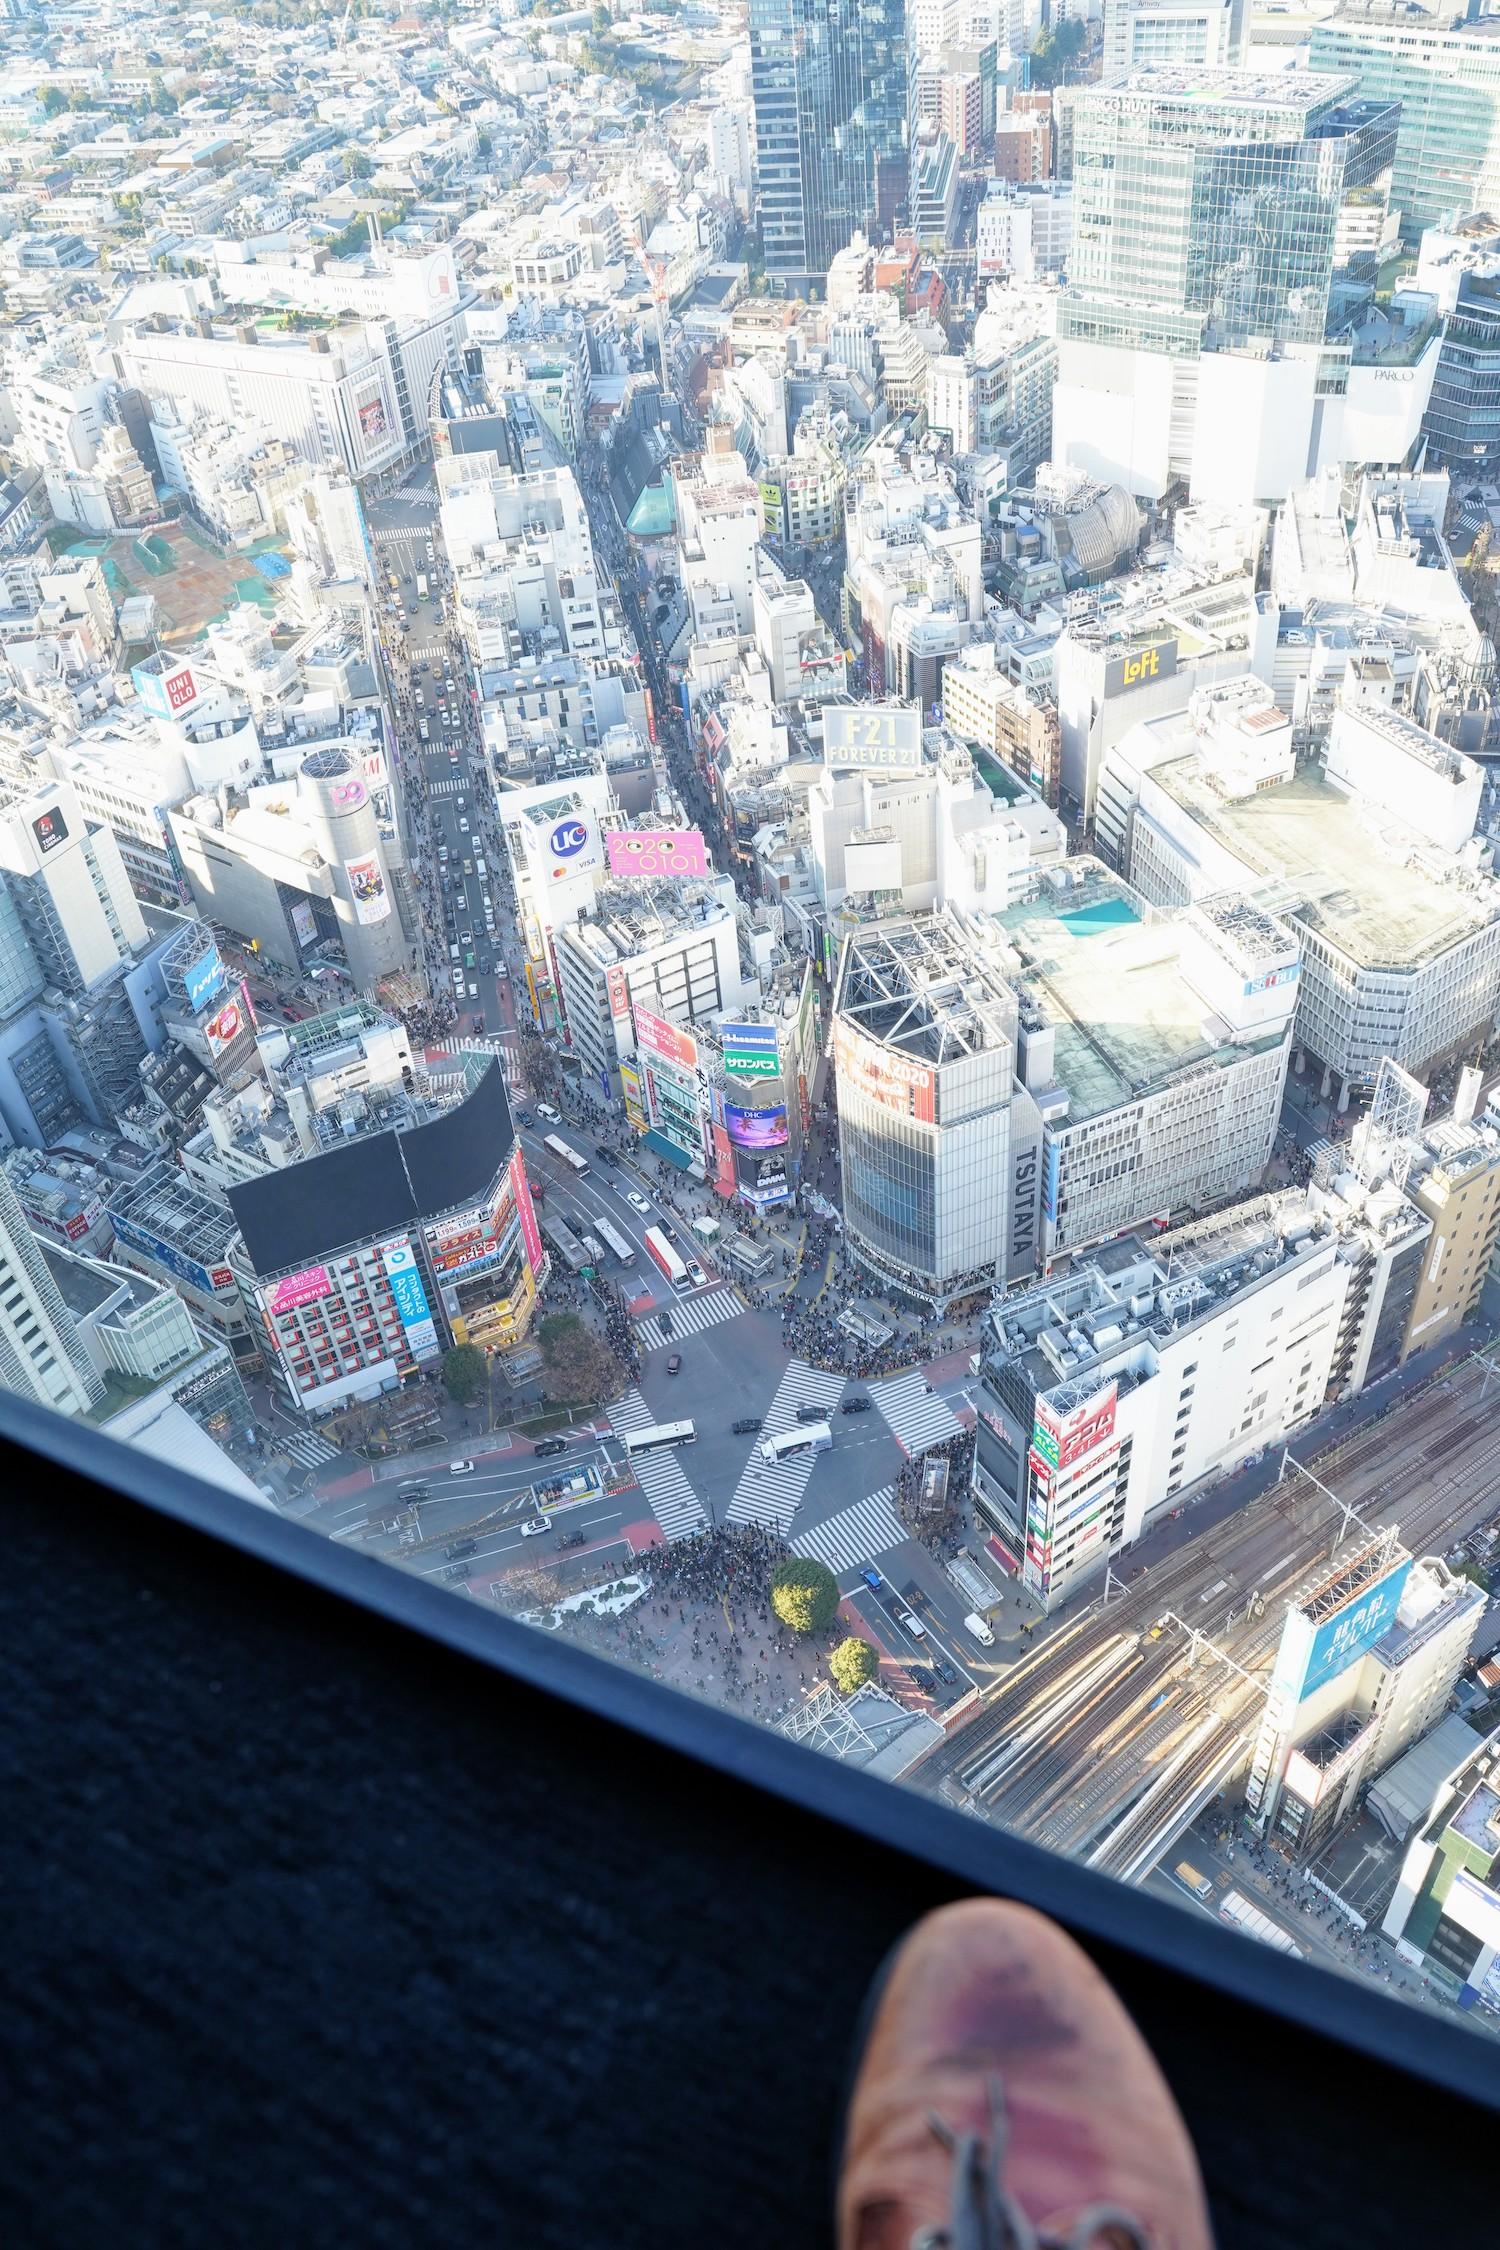 渋谷スクランブルスクエアの屋上「SHIBUYA SKY(渋谷スカイ)」からの眺望。スクランブル交差点方面/2019年12月29日、撮影:SHUN ONLINE